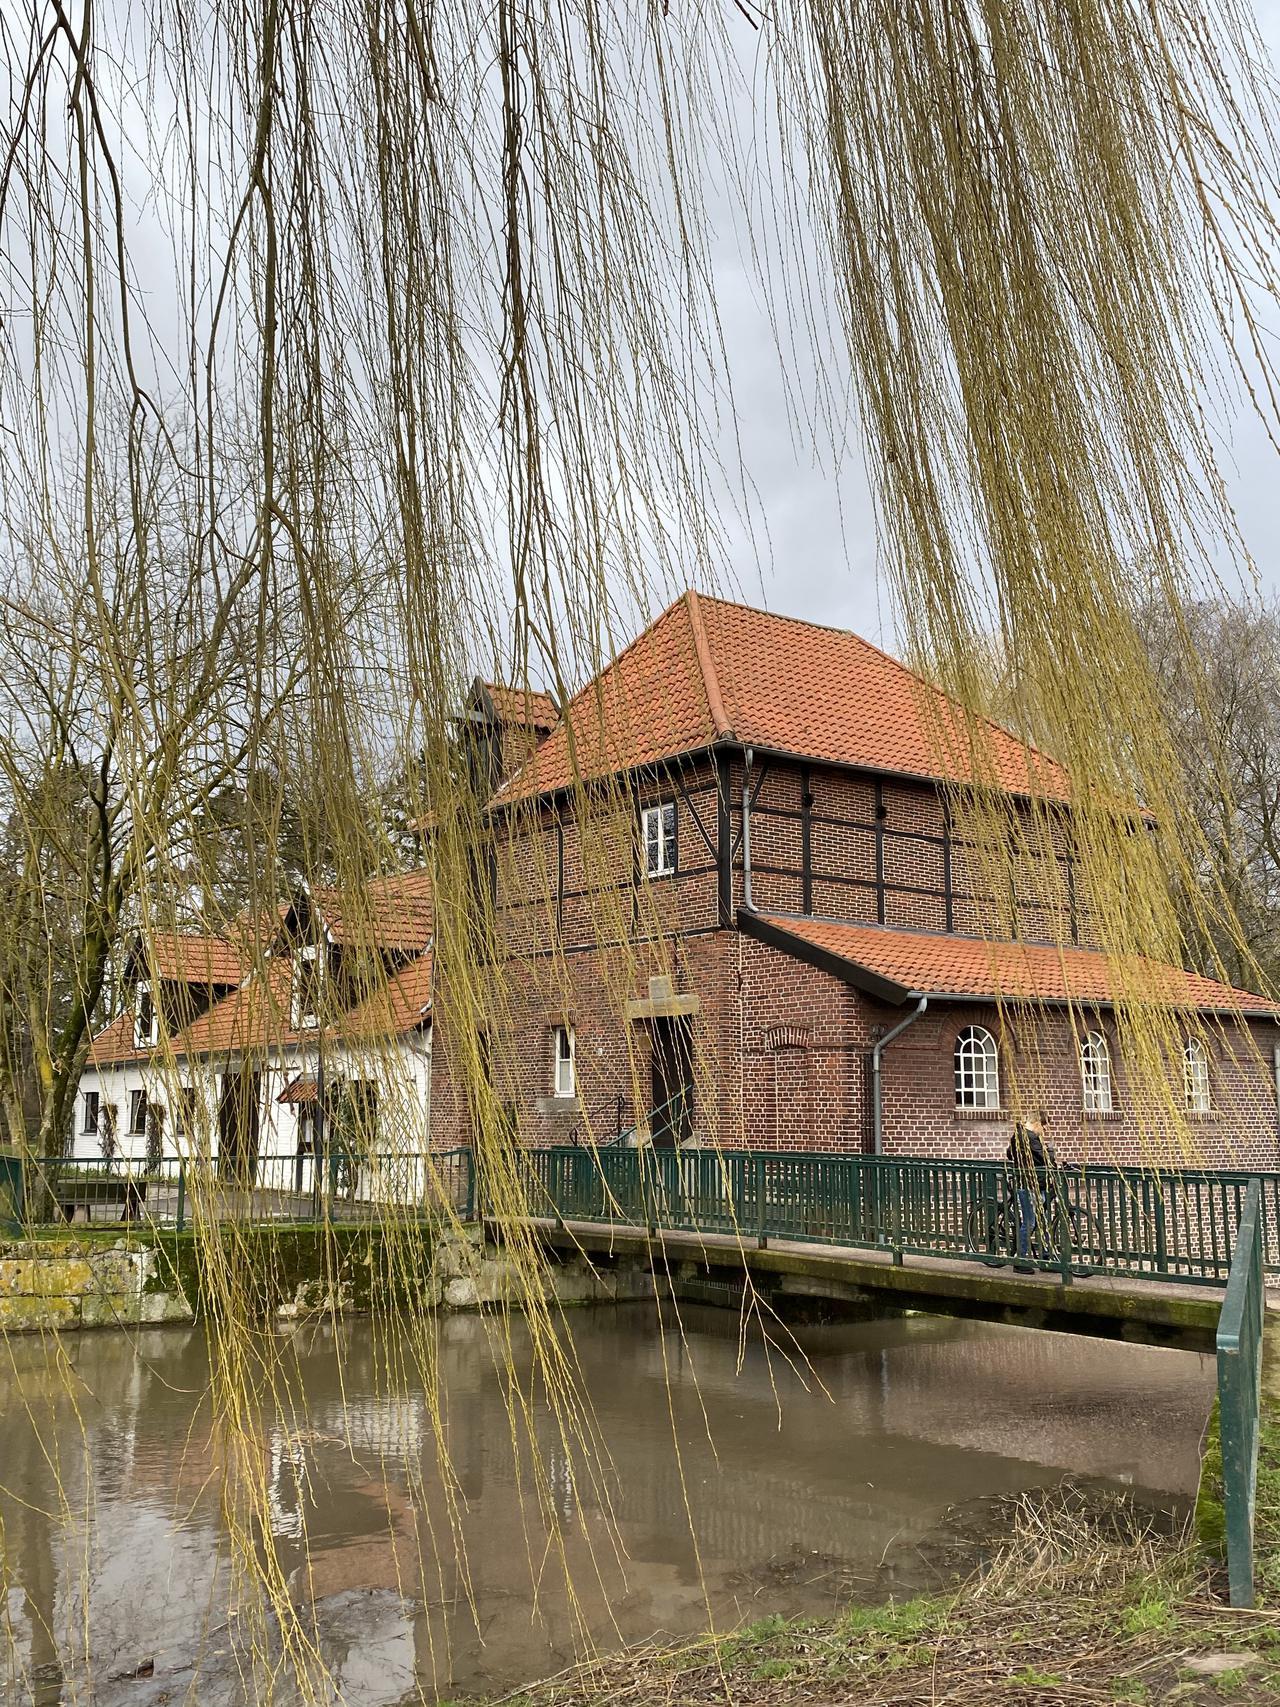 Plagemann's Mühle